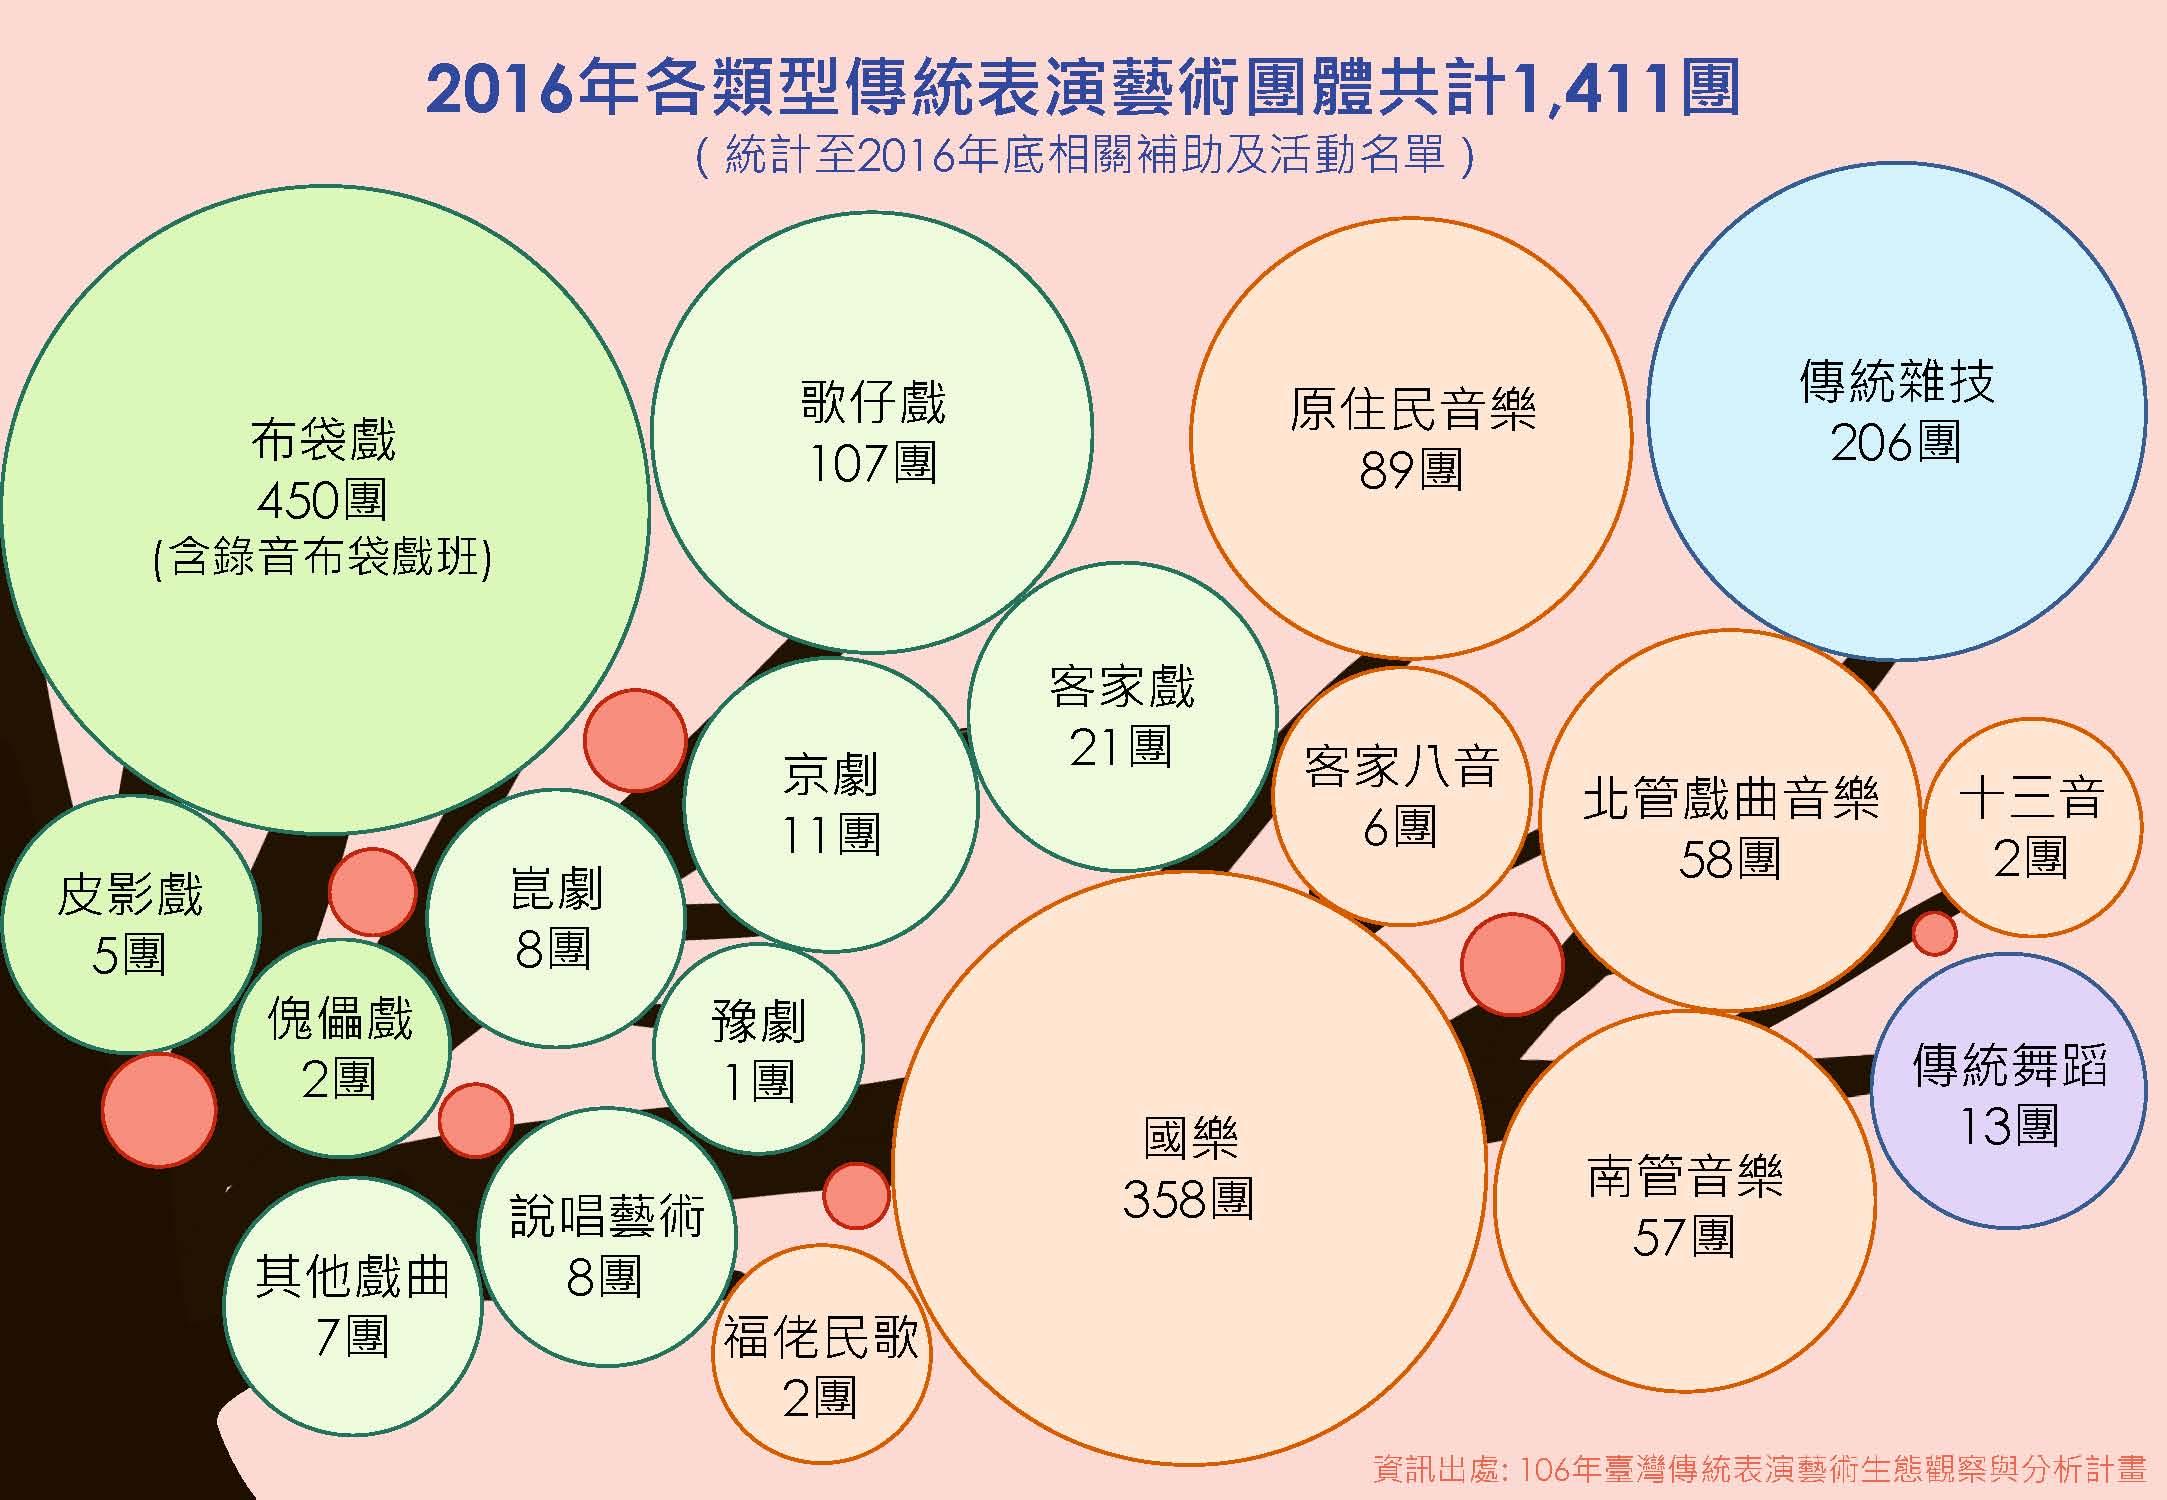 105年各類傳統藝術表演團體數量圖.jpg